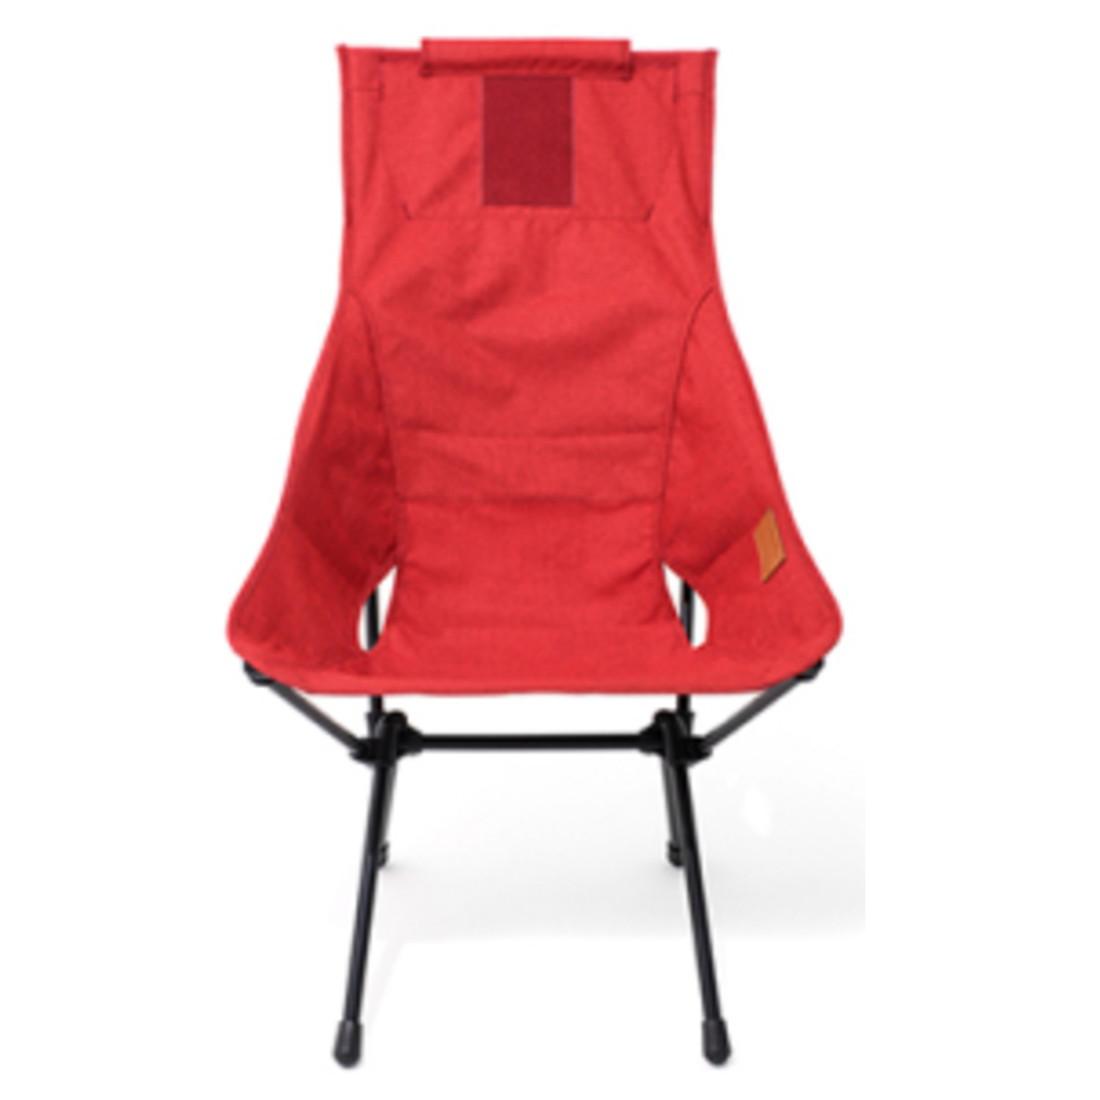 ヘリノックス サンセットチェア 折りたたみ椅子チェアー  国内正規品